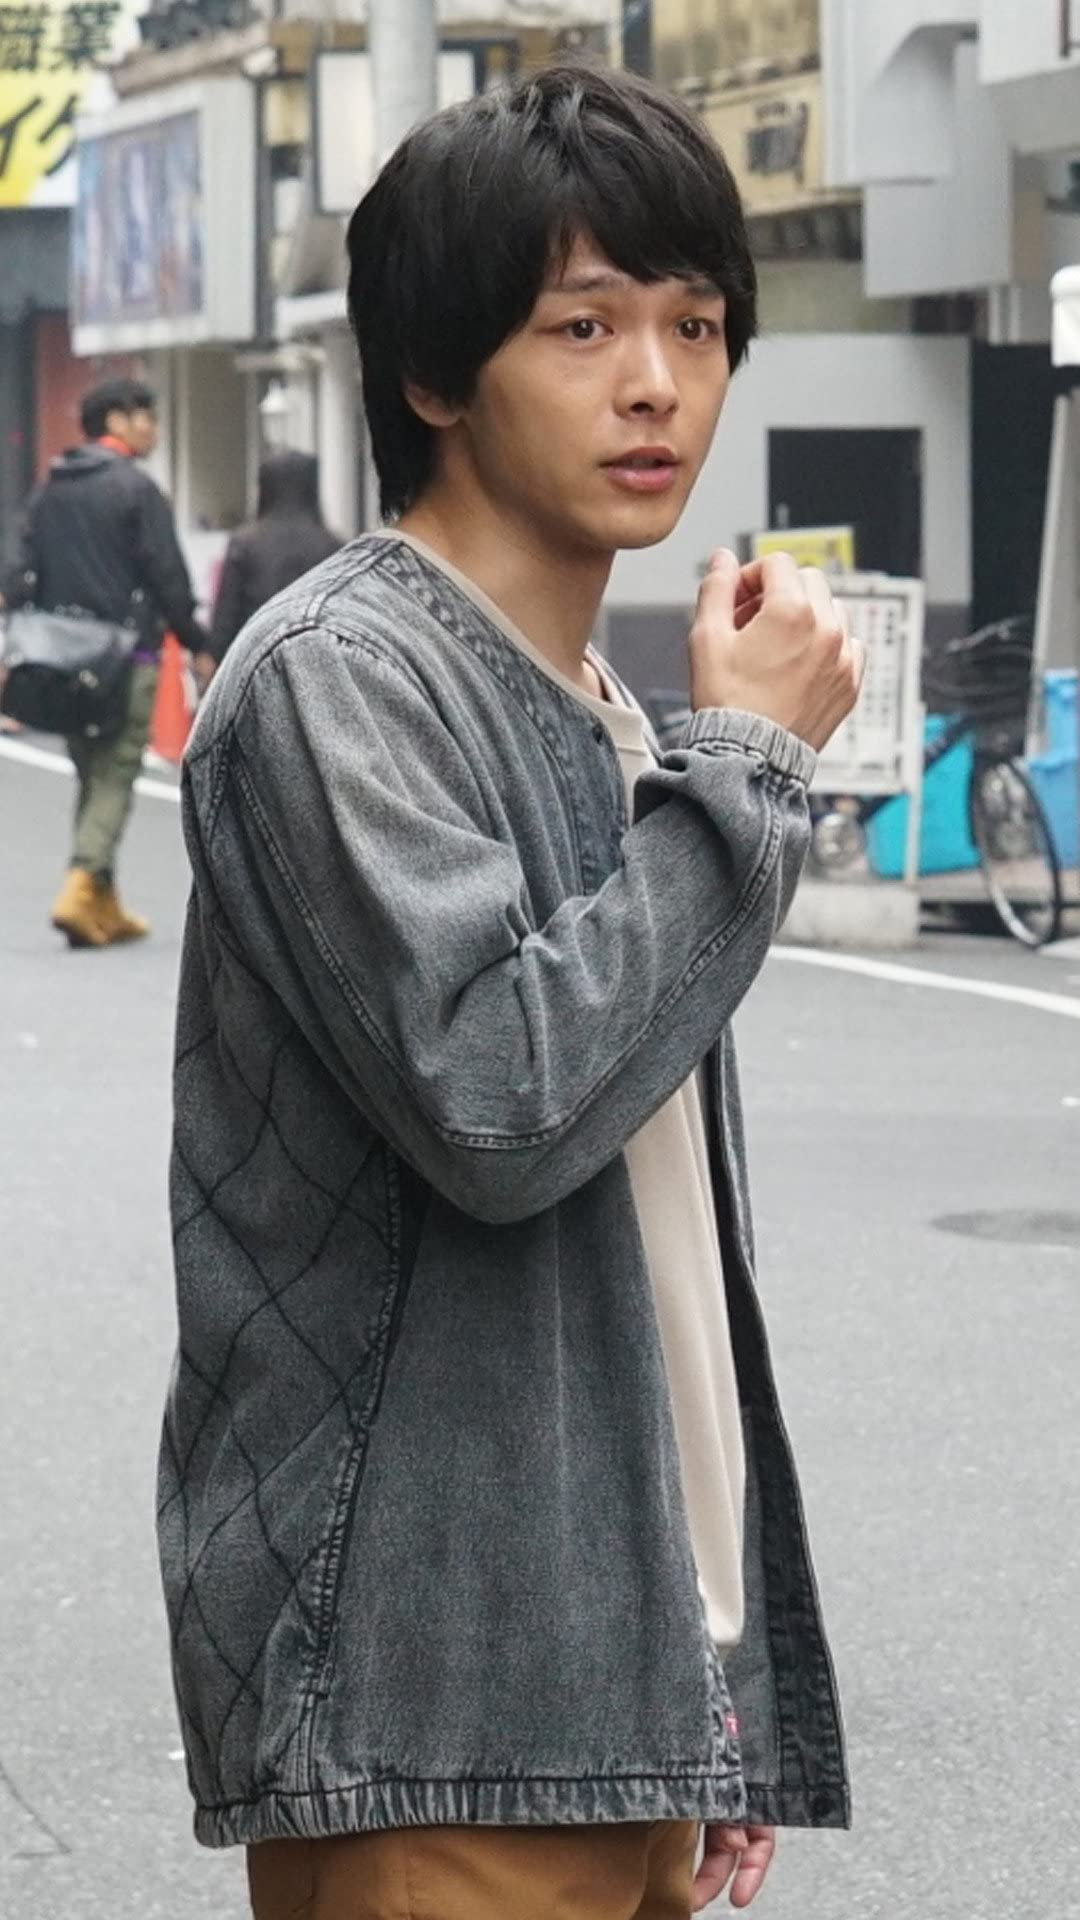 中村倫也 『新宿セブン』大野健太 フルHD(1080×1920)スマホ壁紙/待受画像